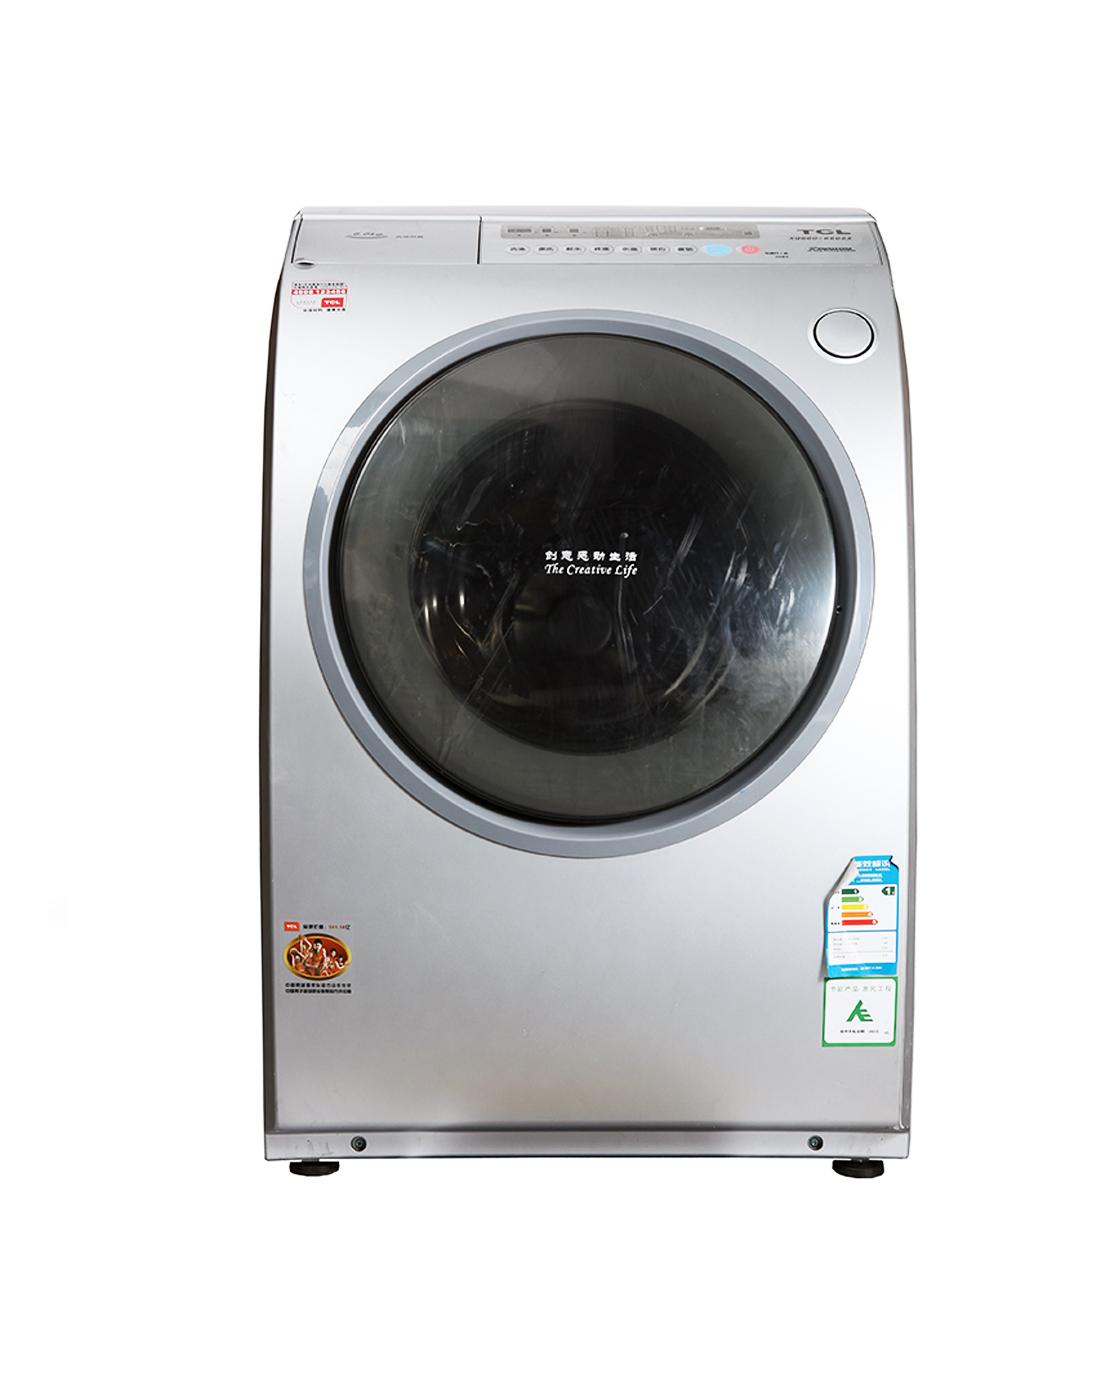 tcl电器滚筒洗衣机6公斤多功能全自动程序xqg60-660s